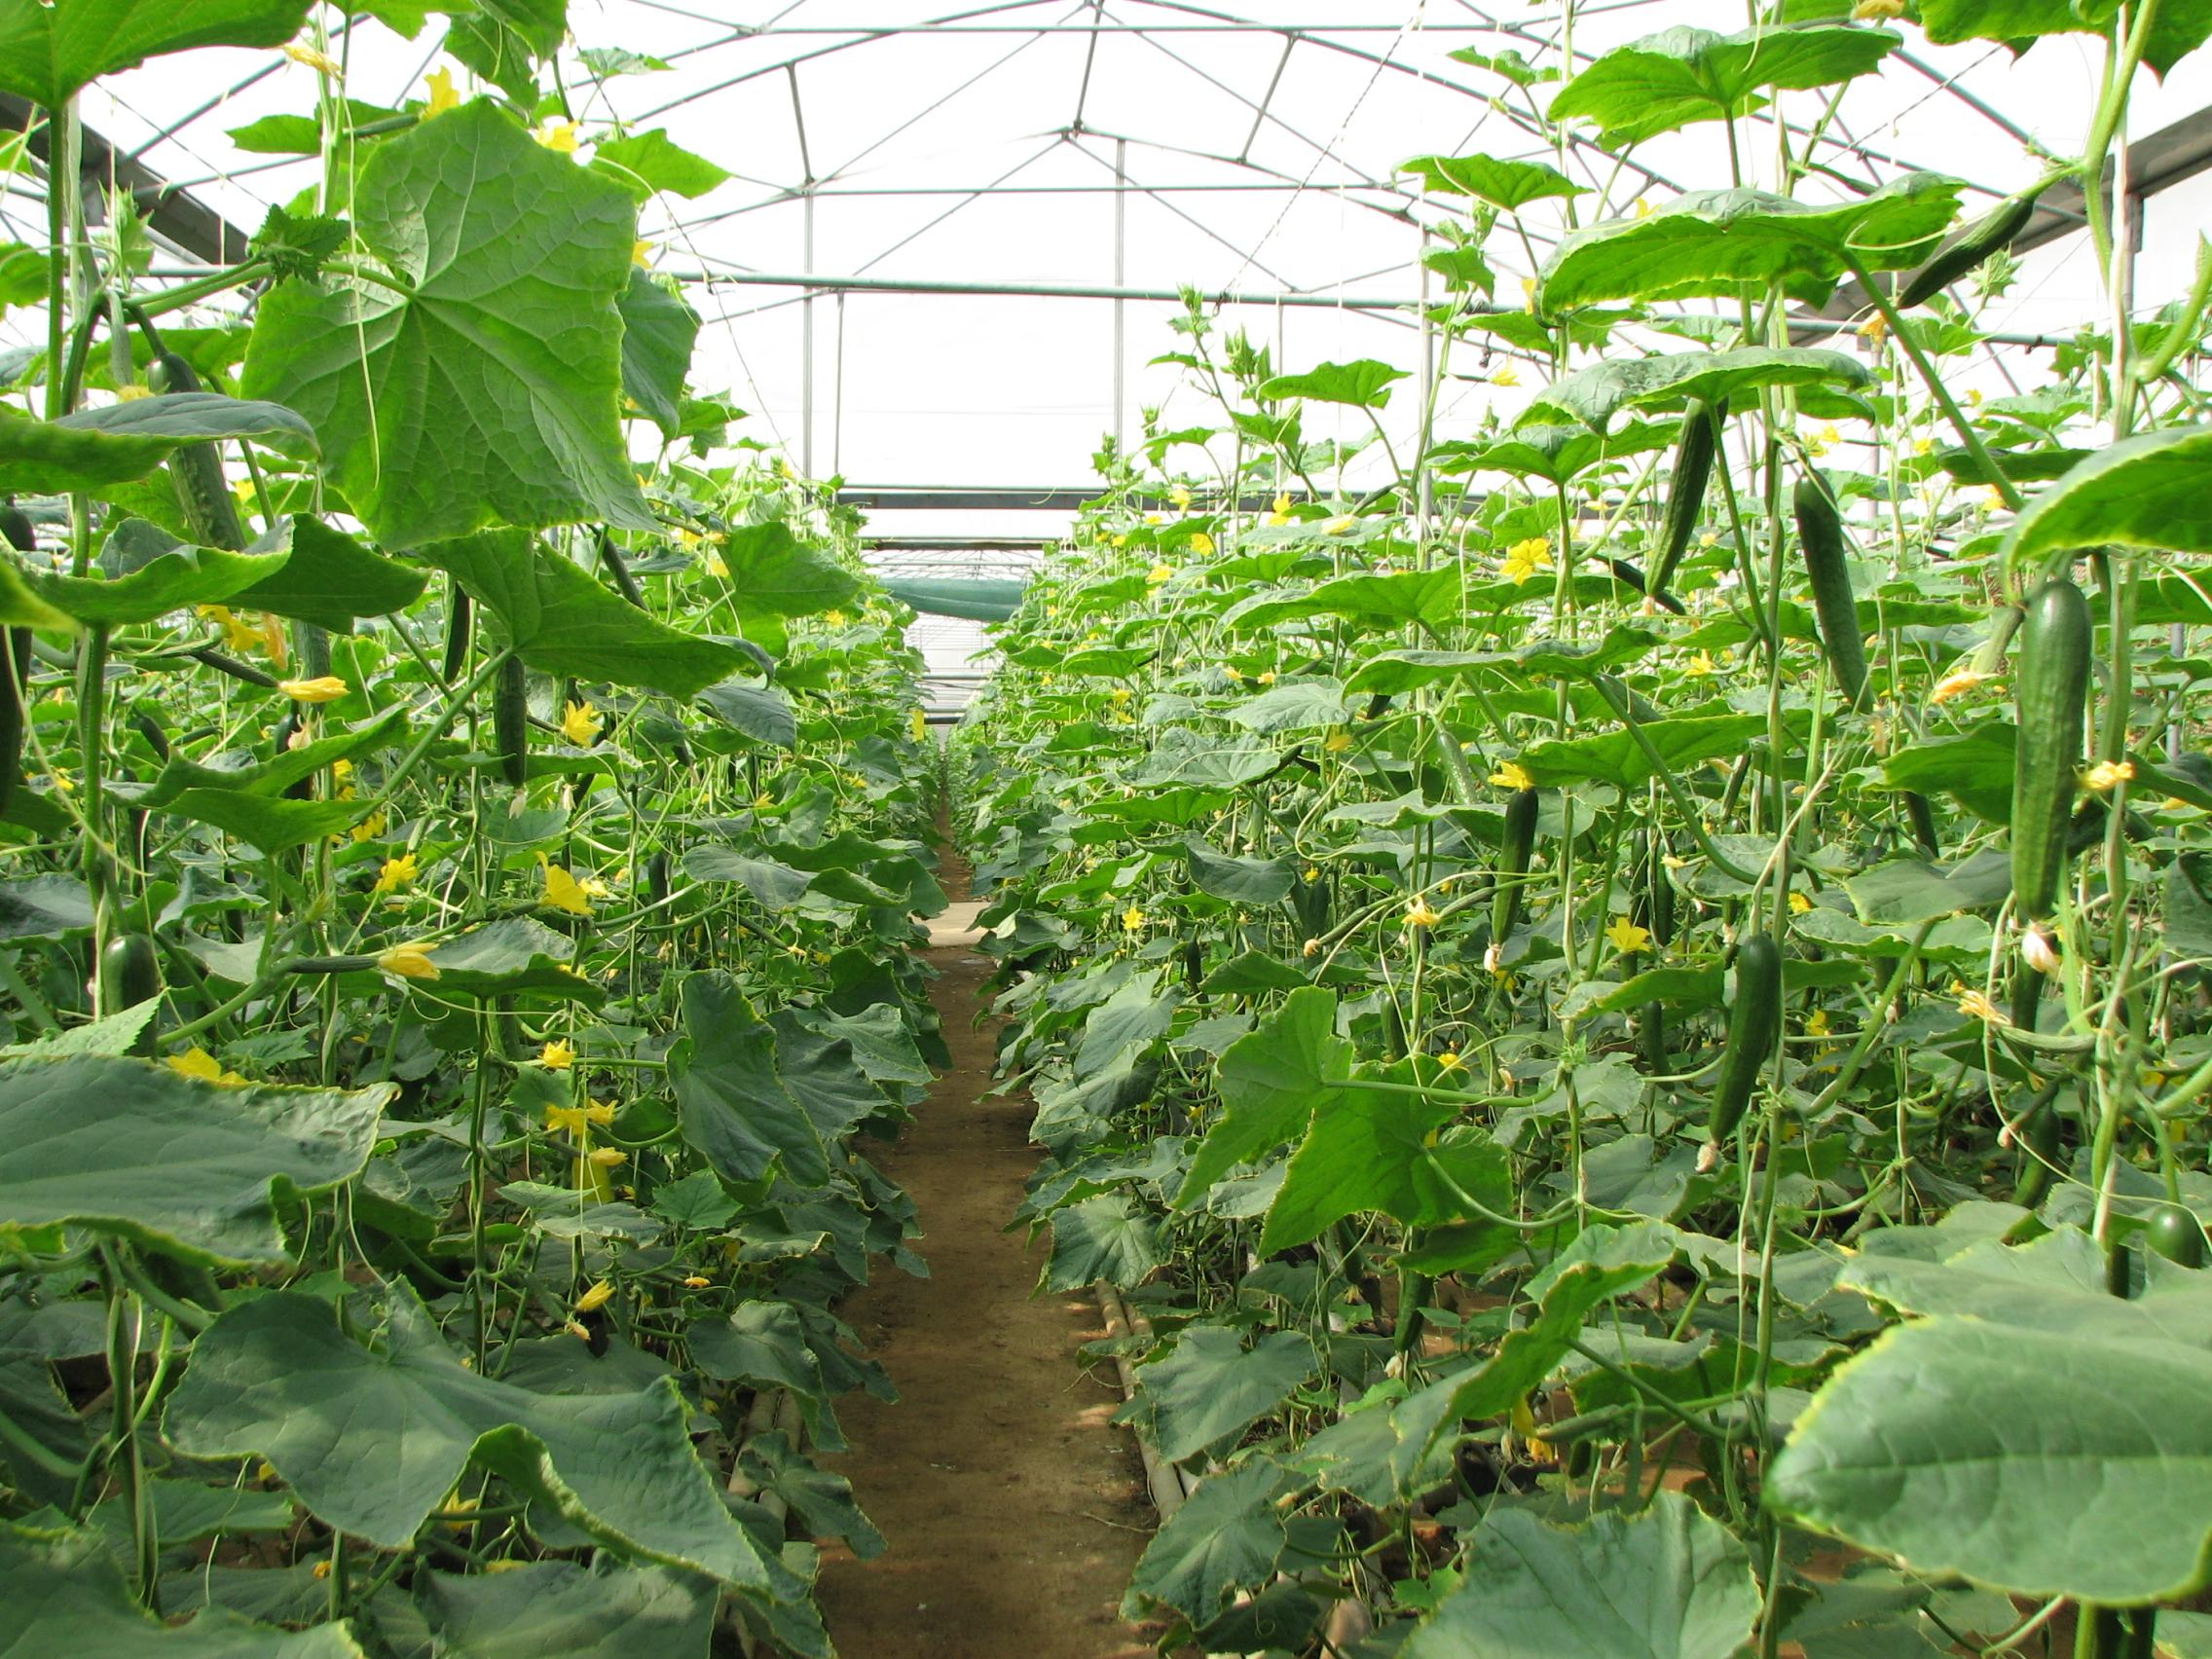 ۱۴۸ میلیارد تومان تسهیلات به متقاضیان بخش کشاورزی پرداخت میشود